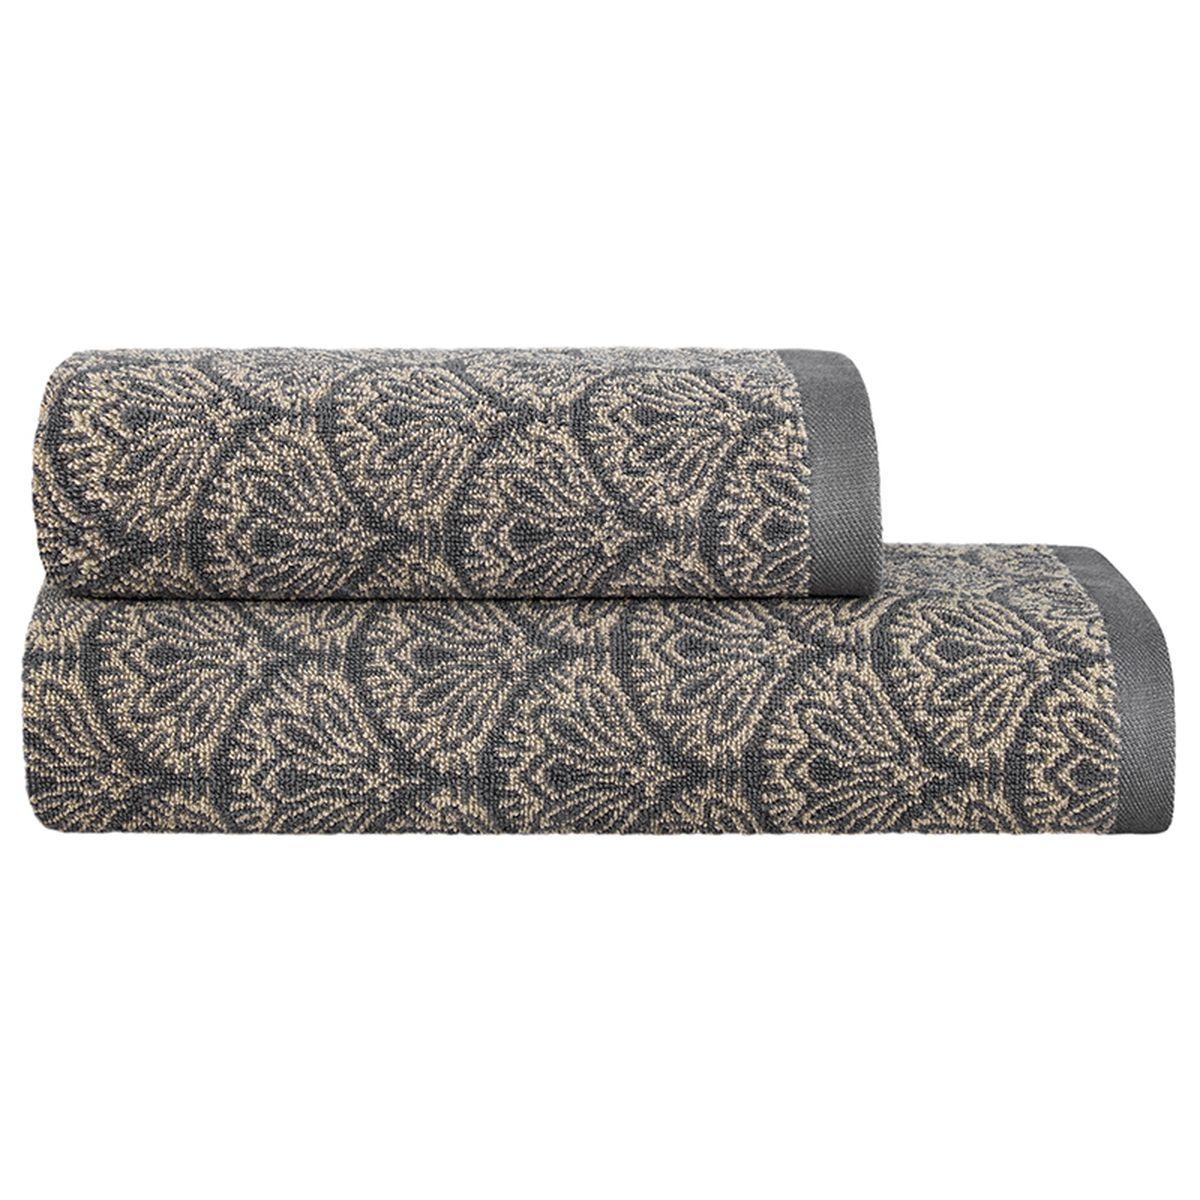 Набор полотенец Togas Арт-деко, 2 шт68/5/3Набор Togas Арт-деко, выполненный из 60% хлопка и 40% модела, невероятно гармонично сочетает в себе лучшие качества современного махрового текстиля. Набор полотенец идеально заботится о вашей коже, особенно после душа, когда вы расслаблены и особо уязвимы. Деликатный дизайн полотенец Togas «Арт-деко» - воплощение изысканной простоты, где на первый план выходит качество материала. Невероятно мягкое волокно модал, превосходящее по своим свойствам даже хлопок, позволяет улучшить впитывающие качества полотенца и делает его удивительно мягким. Модал - это 100% натуральное, экологически чистое целлюлозное волокно. Оно производится без применения каких-либо химических примесей, поэтому абсолютно гипоаллергенно.Набор полотенец Togas Арт-деко, обладающий идеальными качествами, будет поднимать вам настроение.Размер полотенца: 50 х 100 см; 70 х 140 см.